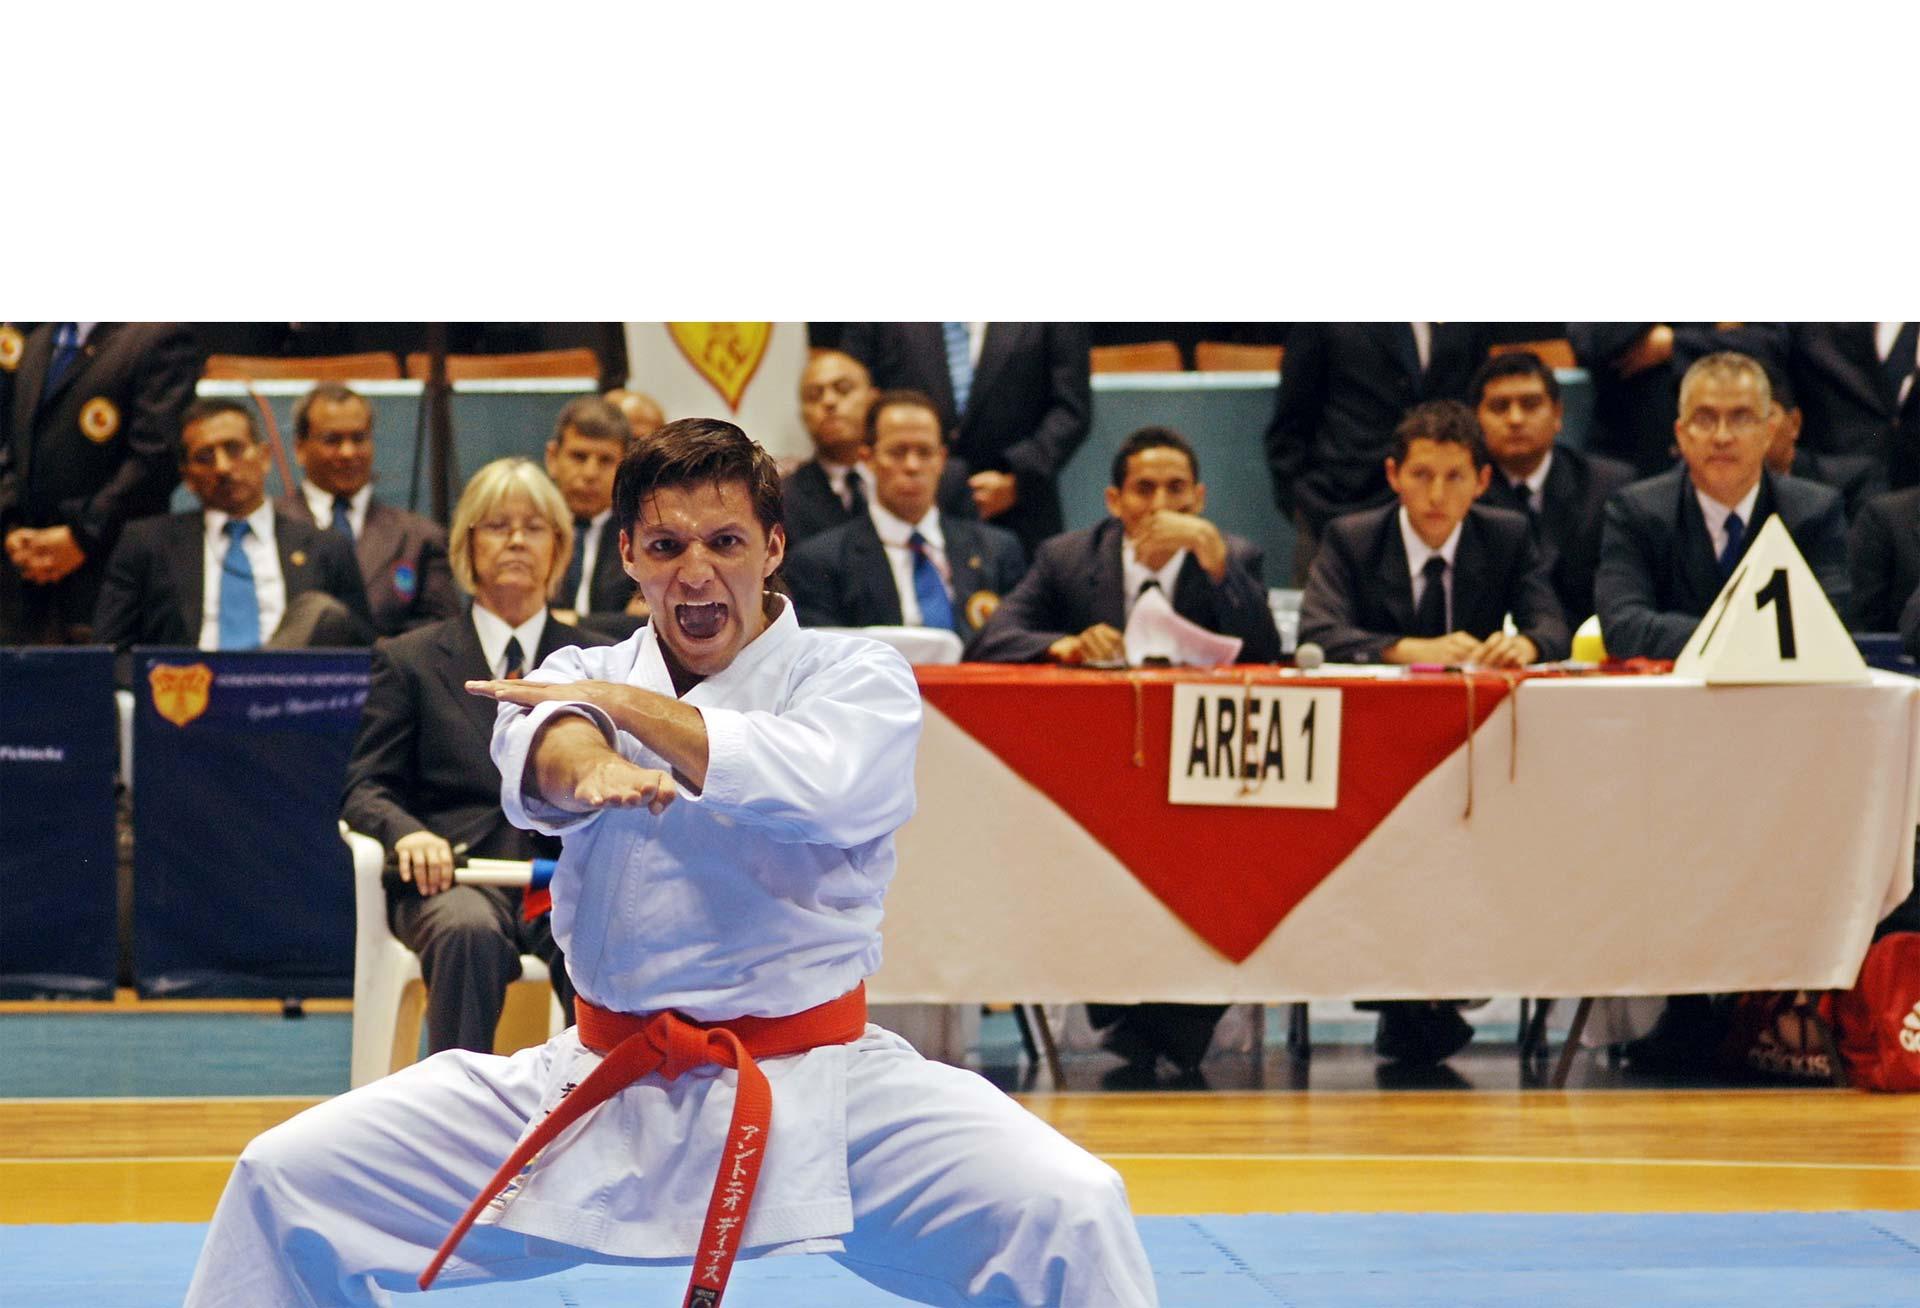 El karateka criollo se prepara para el Open de París y tiene la mira puesta, a largo plazo, en el Campeonato Mundial